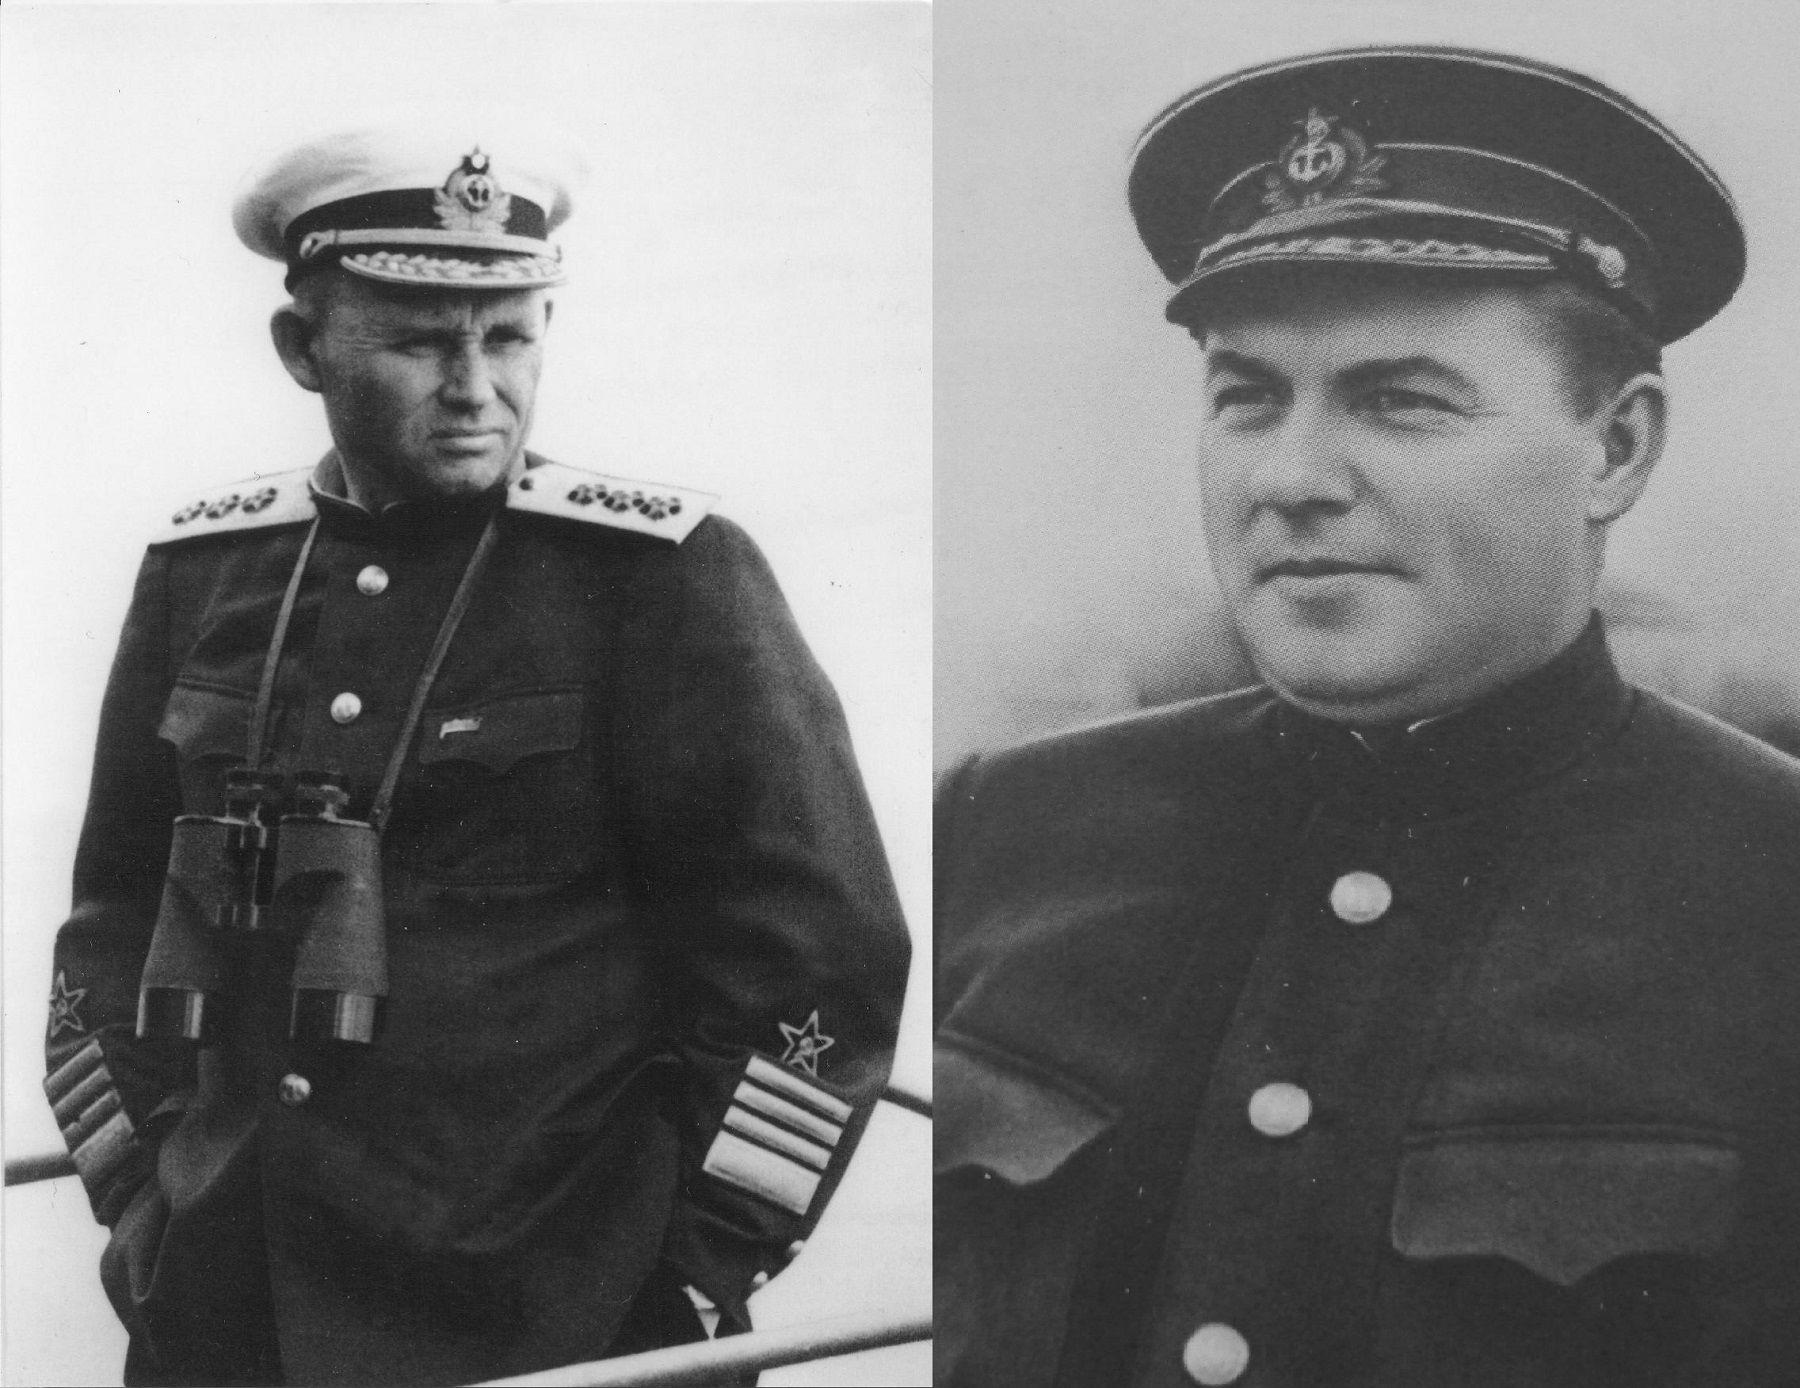 Два командующих Черноморским флотом, вице-адмиралы Ф.С. Октябрьский и Л.А. Владимирский ©Фото с сайта http://waralbum.ru